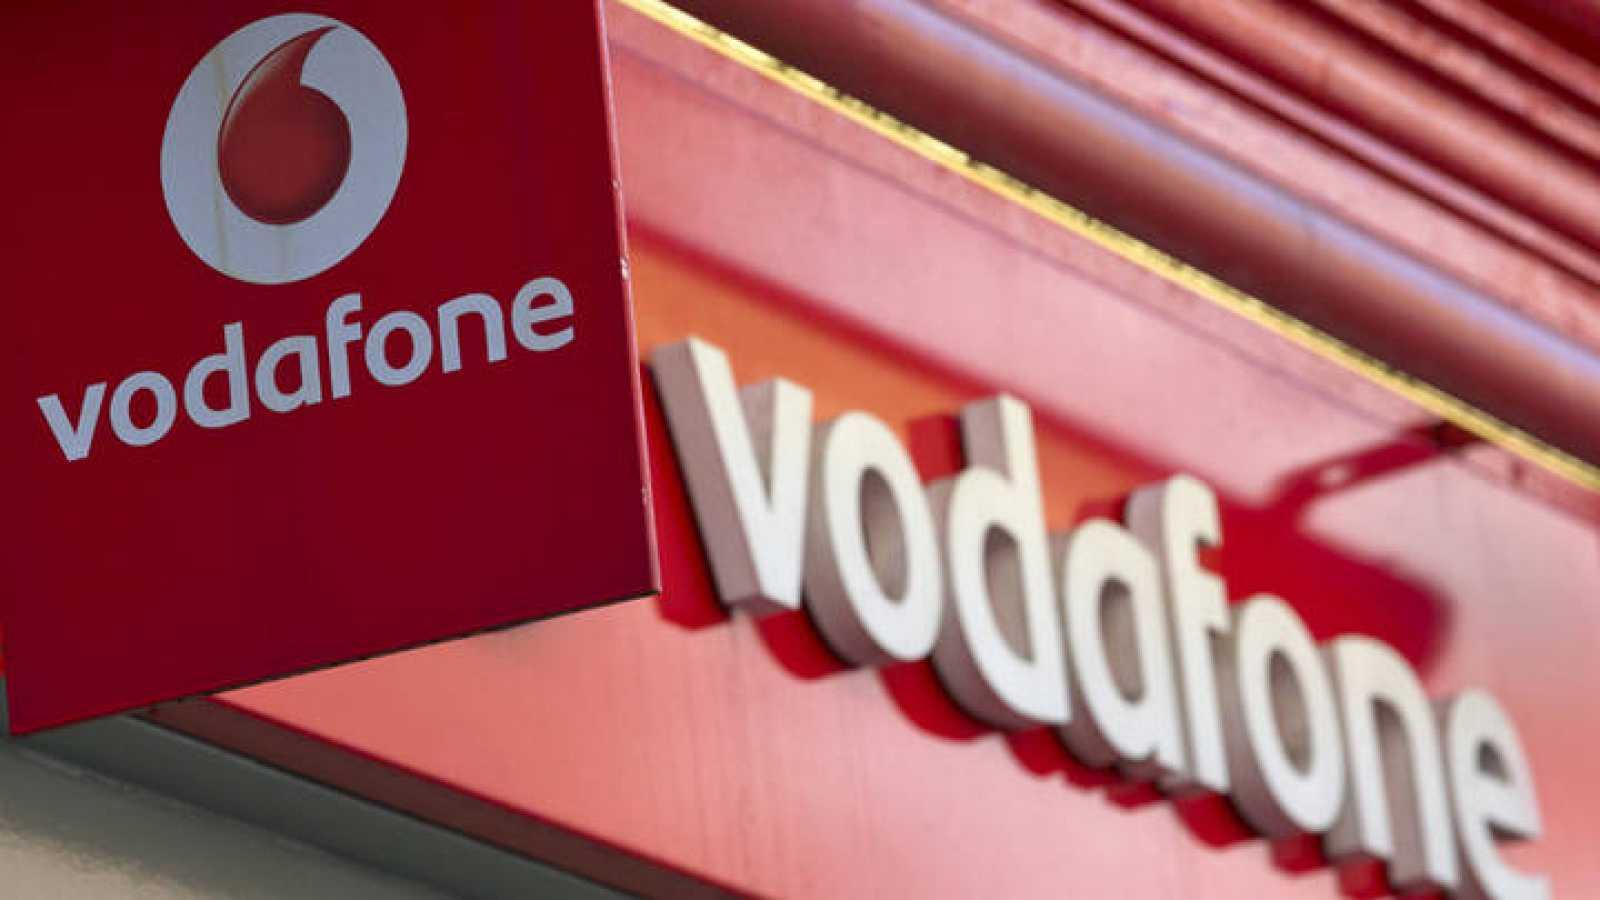 Vodafone también abandona la Asociación Libra